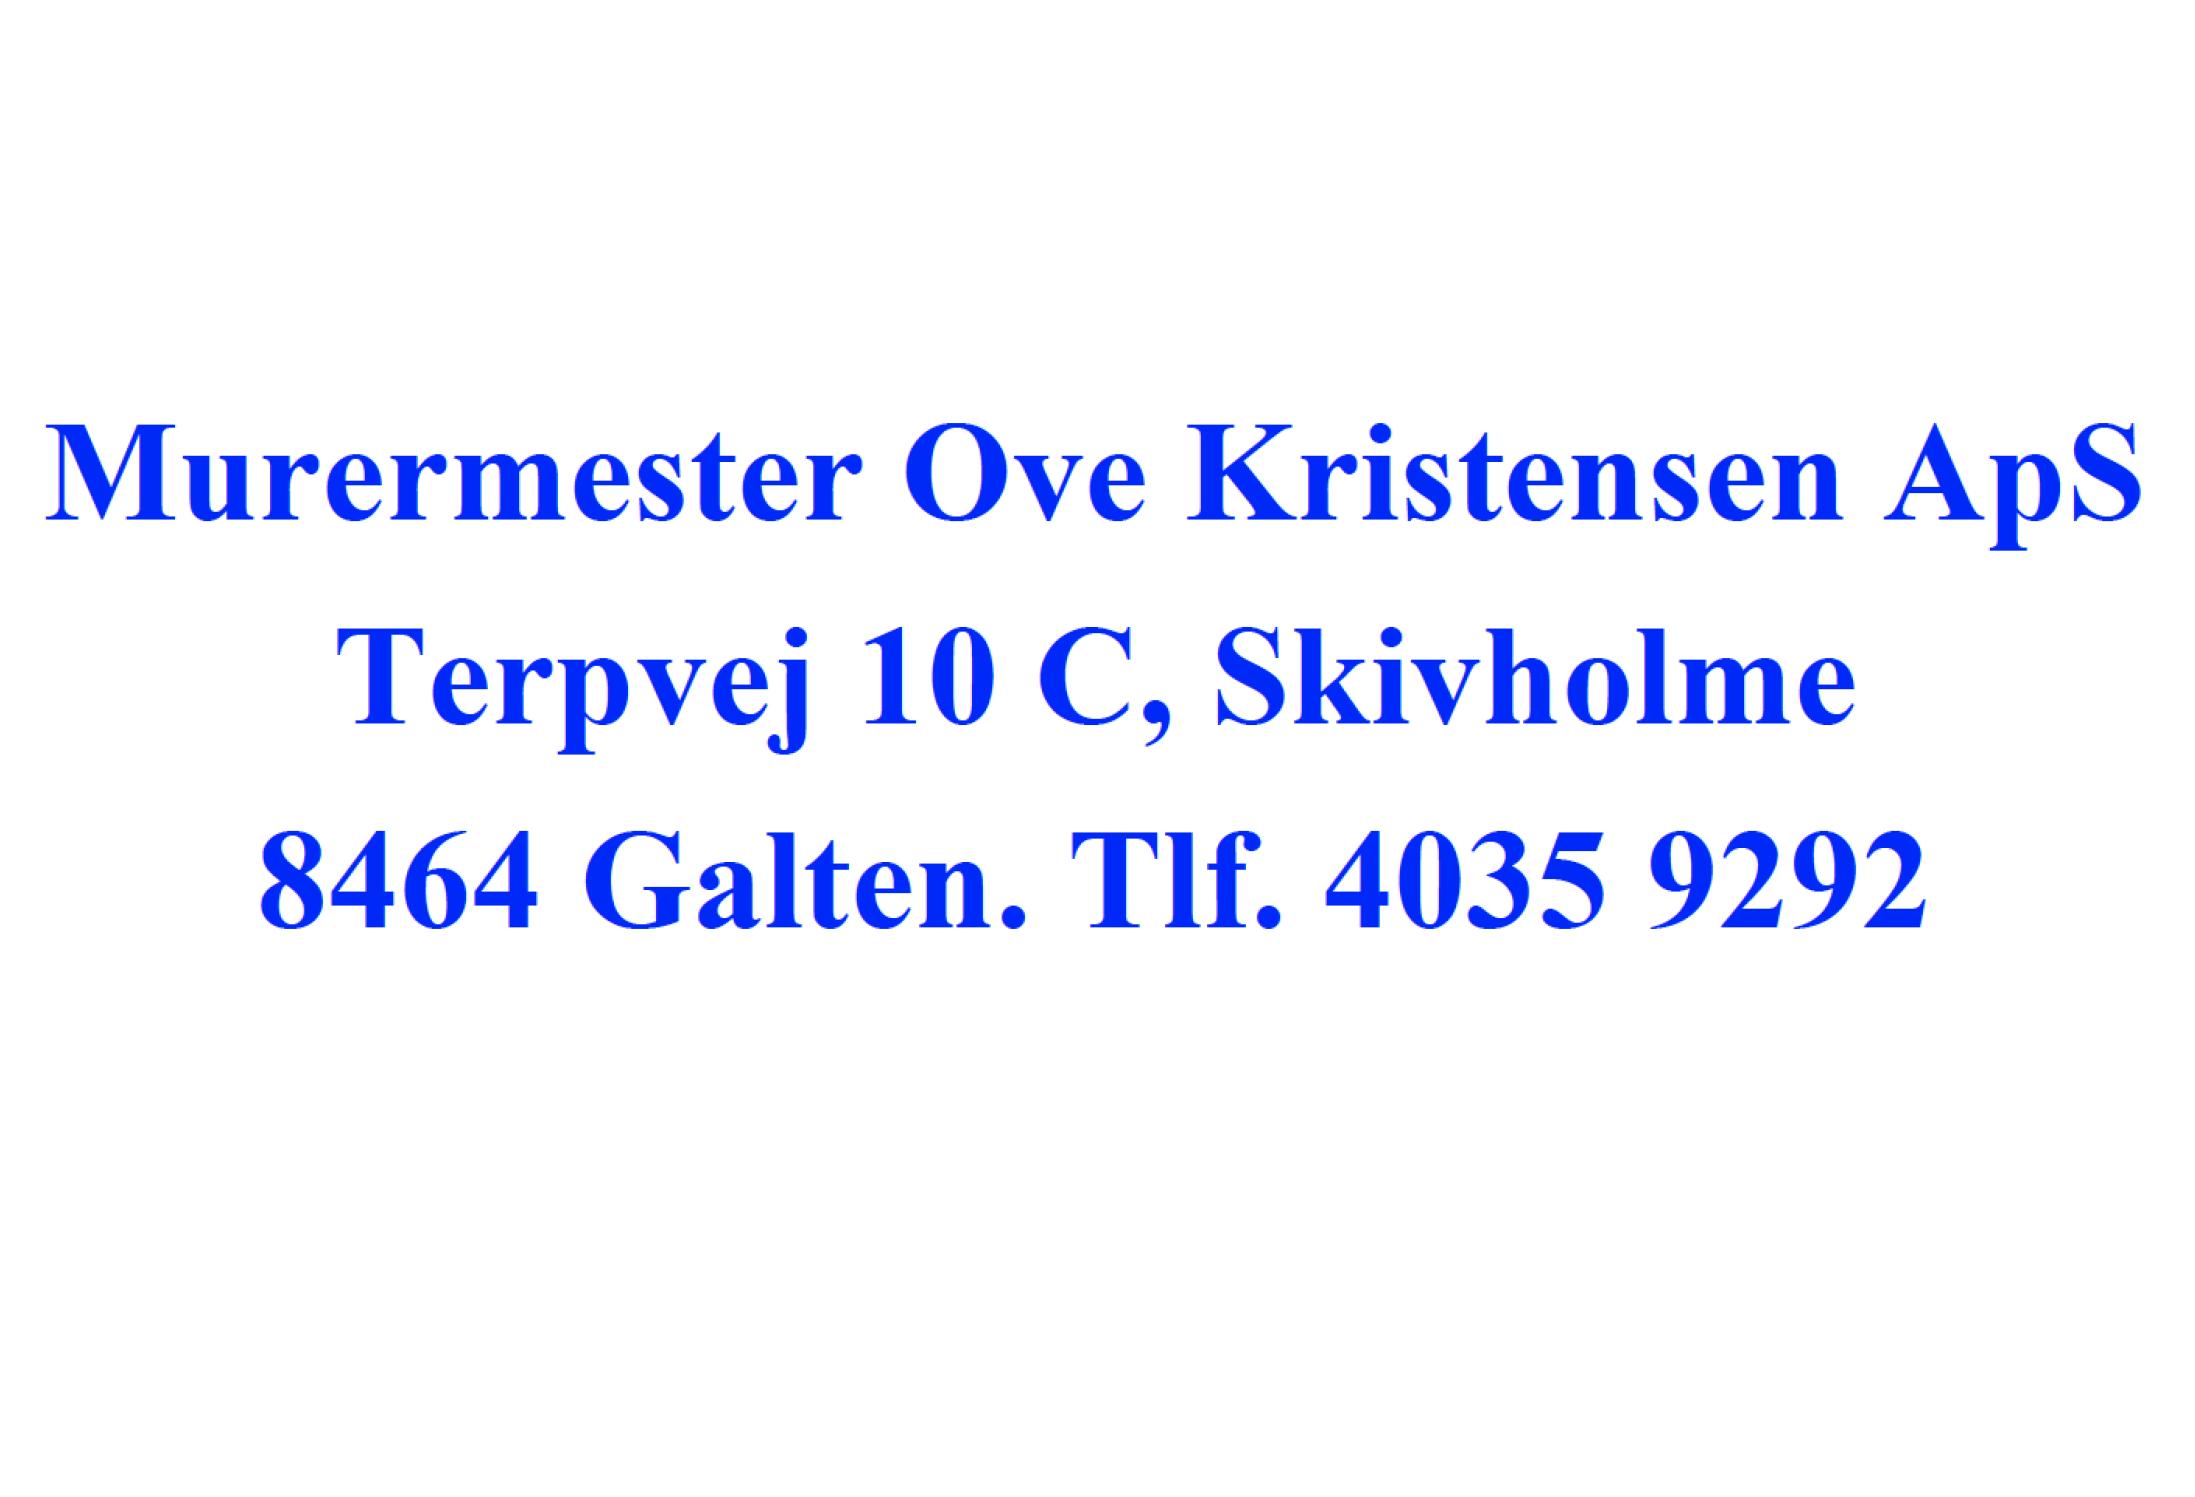 Murermester Ove Kristensen annonce